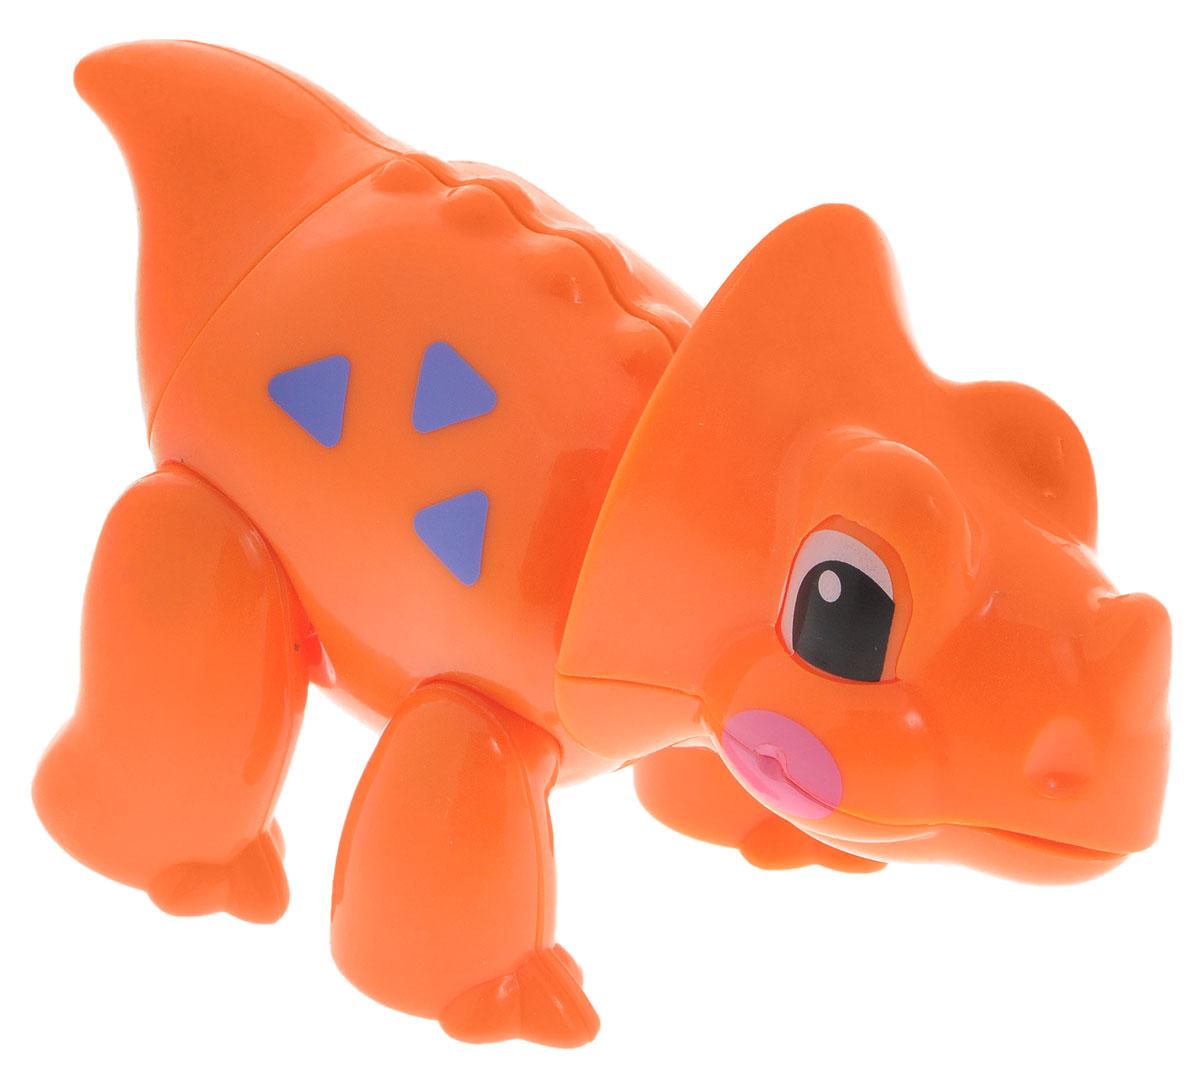 1TOY Фигурка В мире животных Динозавр цвет оранжевыйТ57443_оранжевыйФигурка В мире животных. Динозавр, выполненная из яркой пластмассы в виде симпатичного динозаврика, непременно придется по душе вашему малышу. Забавная фигурка имеет подвижные лапы, хвост и шею. Если двигать частями тела животного, то будут слышны негромкие щелкающие звуки. Фигурка В мире животных способствует развитию у ребенка цветового и звукового восприятия, мелкой моторики рук, хватательного рефлекса, осязания, координации движений и изучению живого мира нашей планеты. Отлично подходит для сюжетно-ролевых игр, которые способствуют развитию памяти и воображения у малыша.